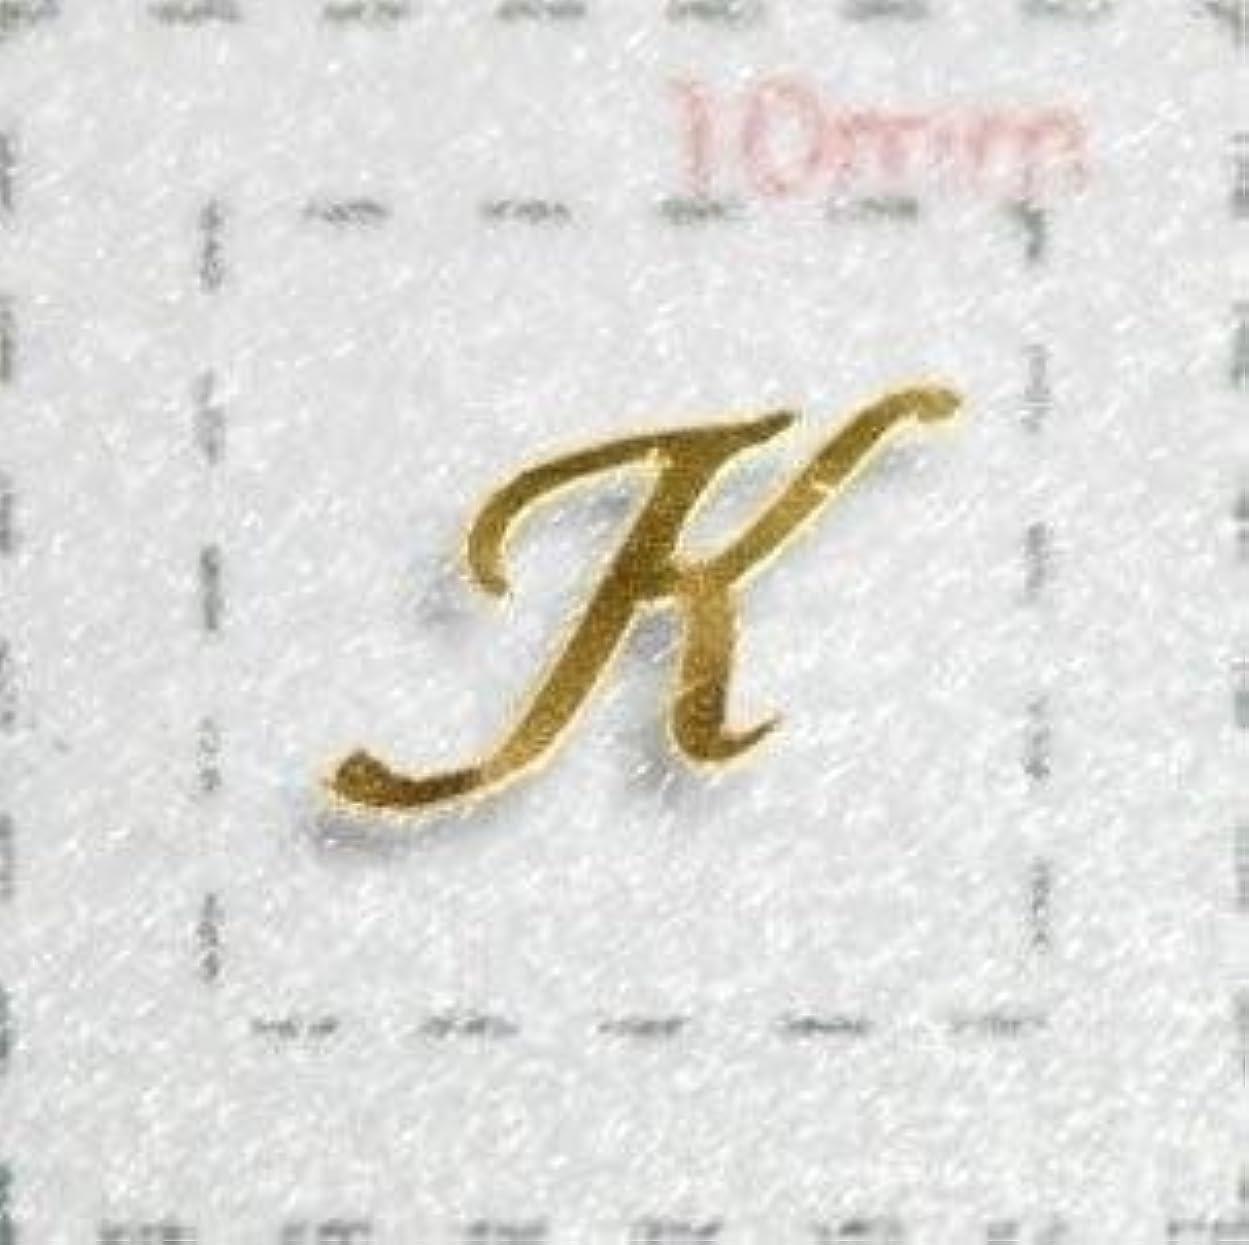 誇張する光沢のある東部Nameネイルシール【アルファベット?イニシャル】大文字ゴールド( K )1シート9枚入